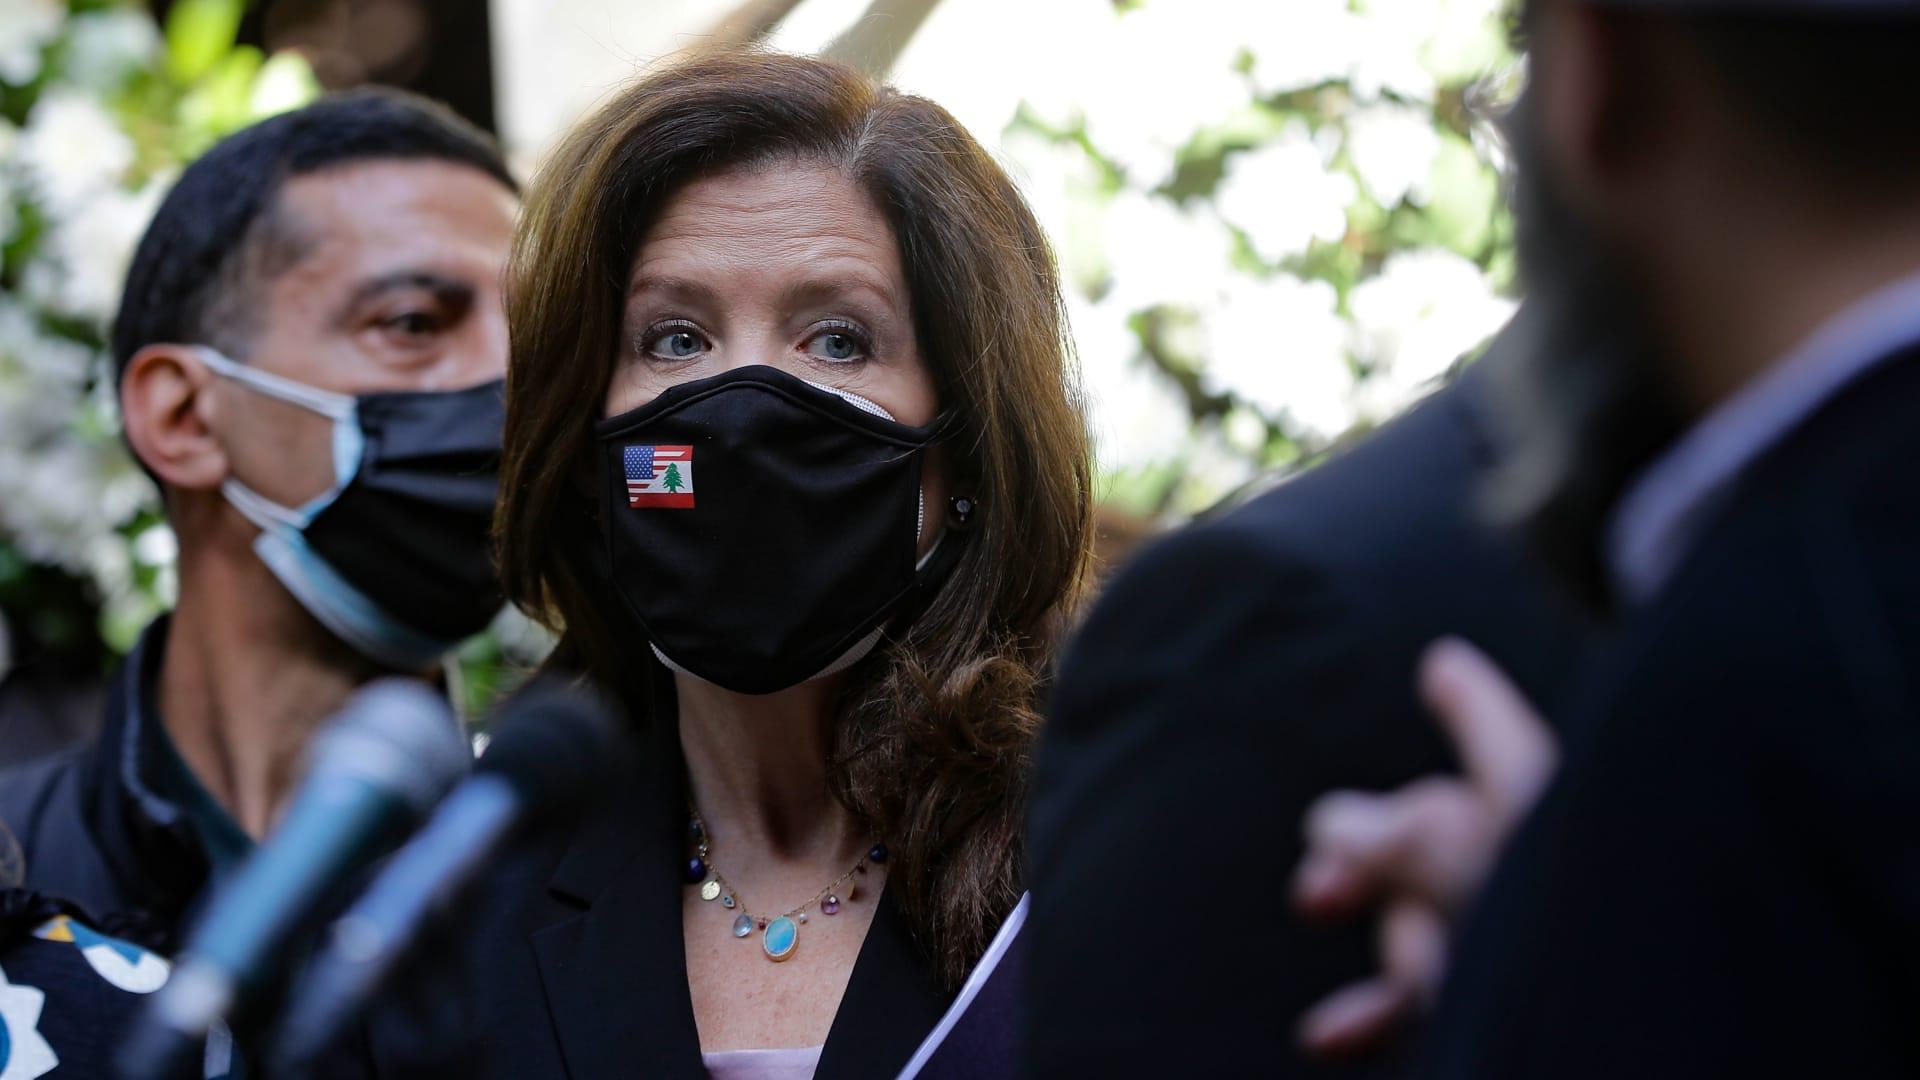 السفيرة الأمريكية في لبنان دوروثي شيا